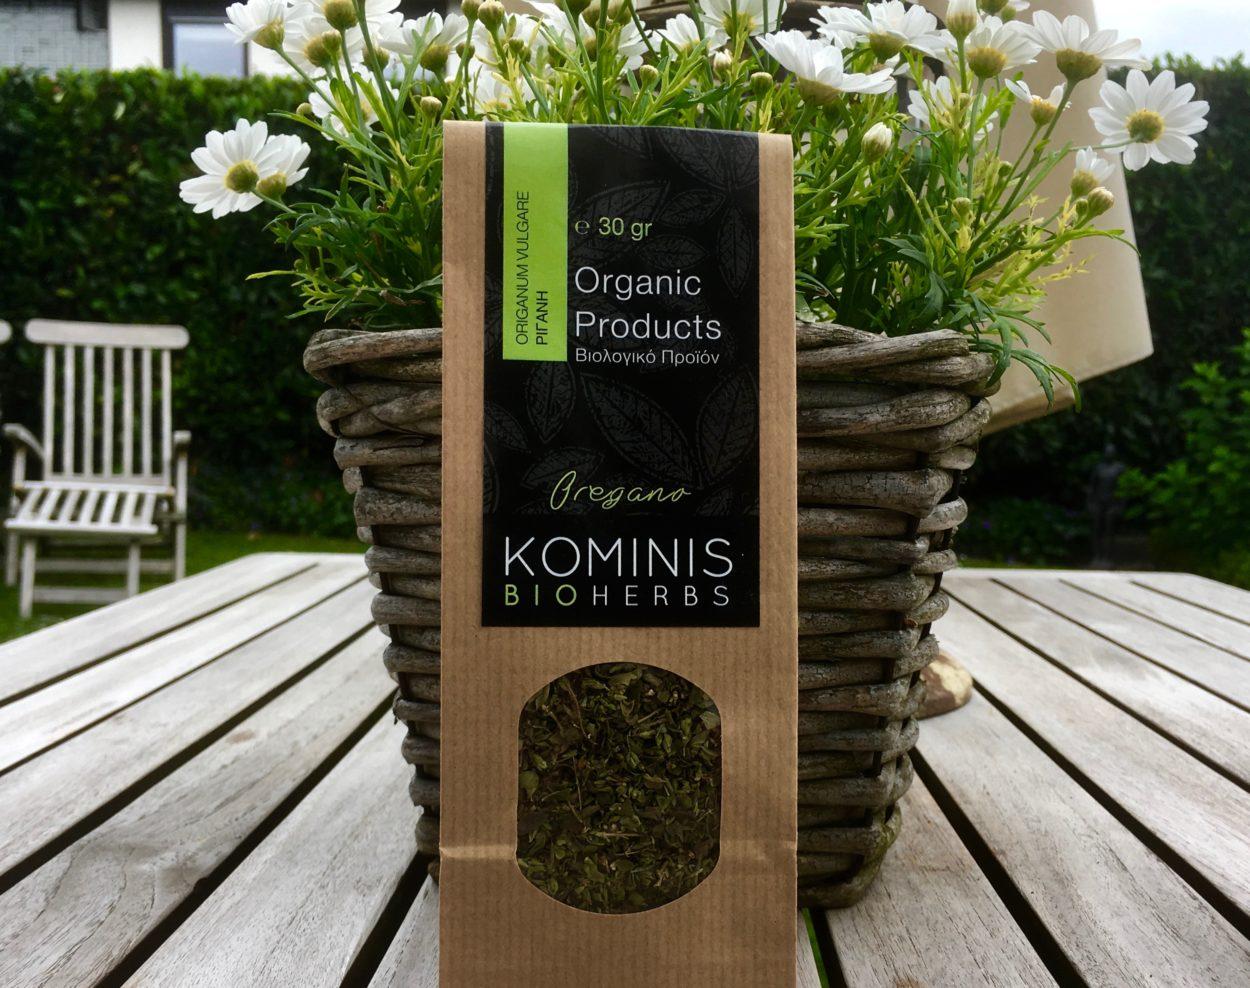 KOMINIS Bio Herbs aus Griechenland -Oregano